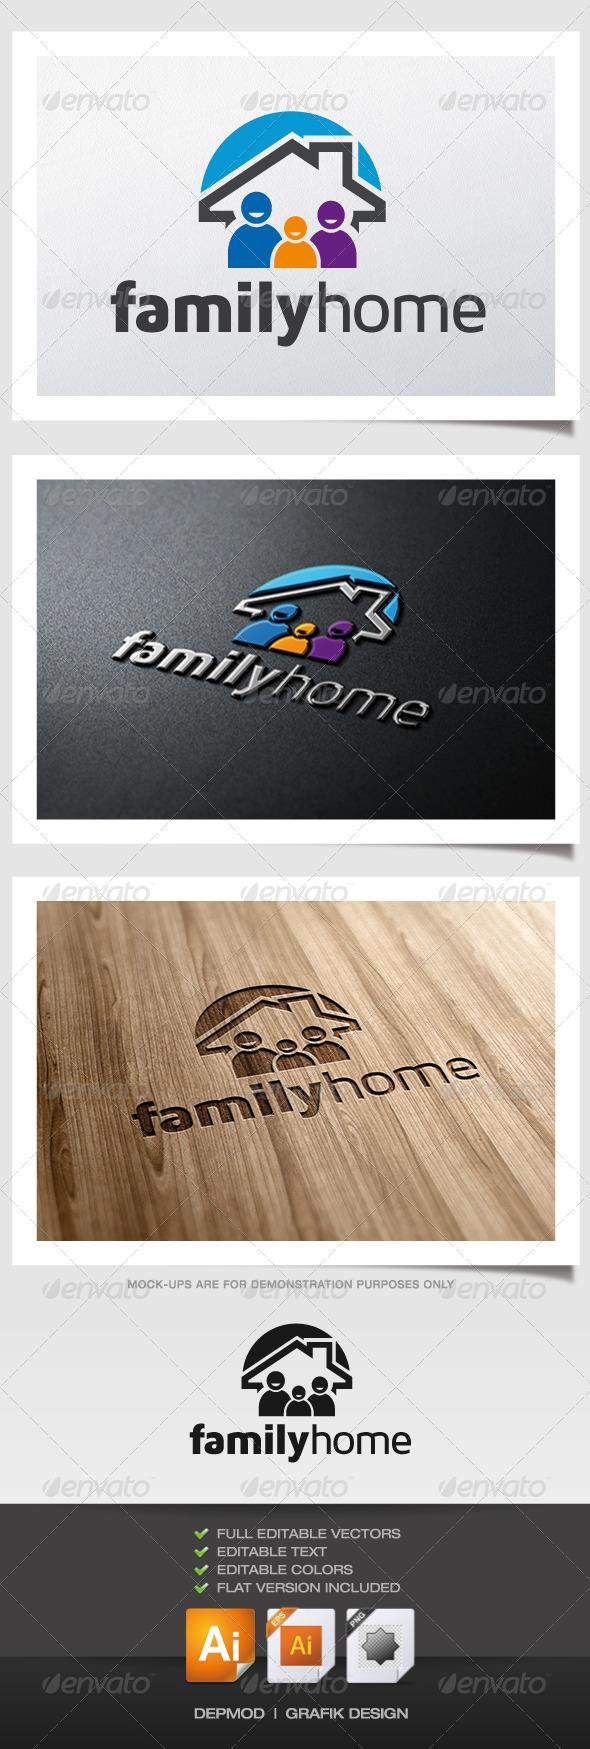 GraphicRiver Family Home Logo 6077685